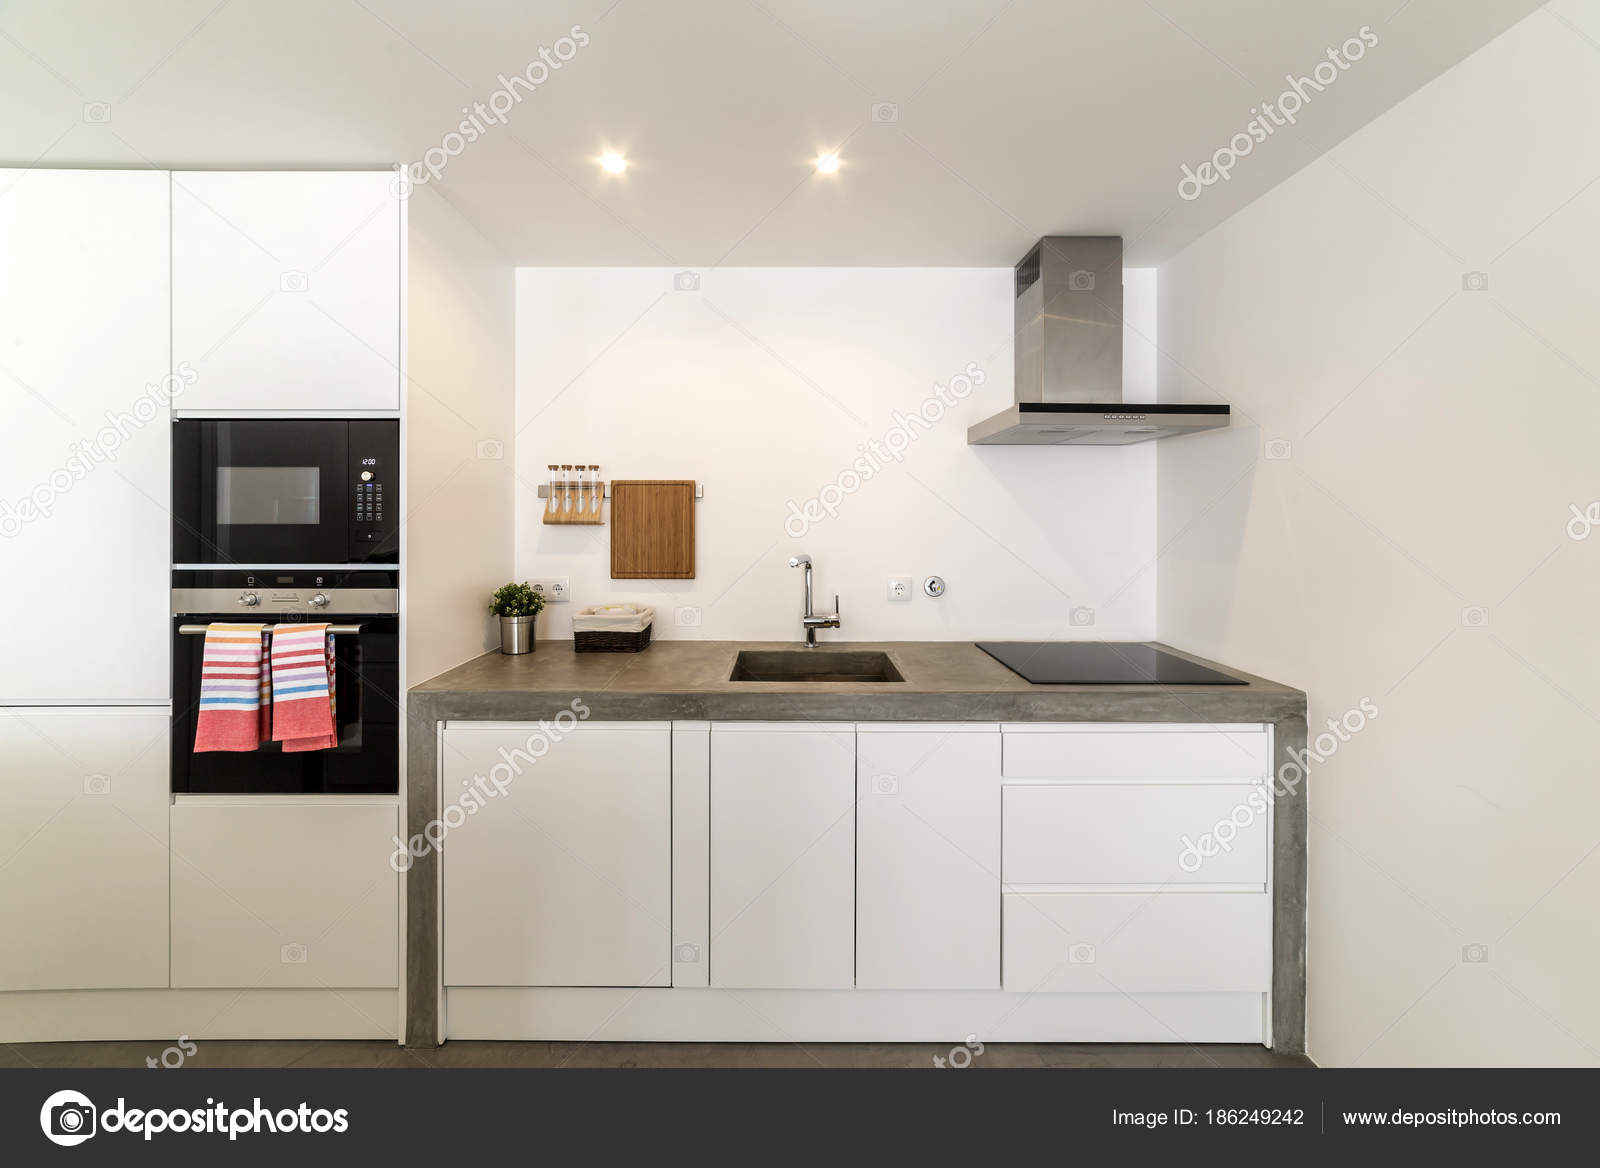 Cozinha Moderna Com Piso De Ladrilho Cinza E A Parede Branca Stock